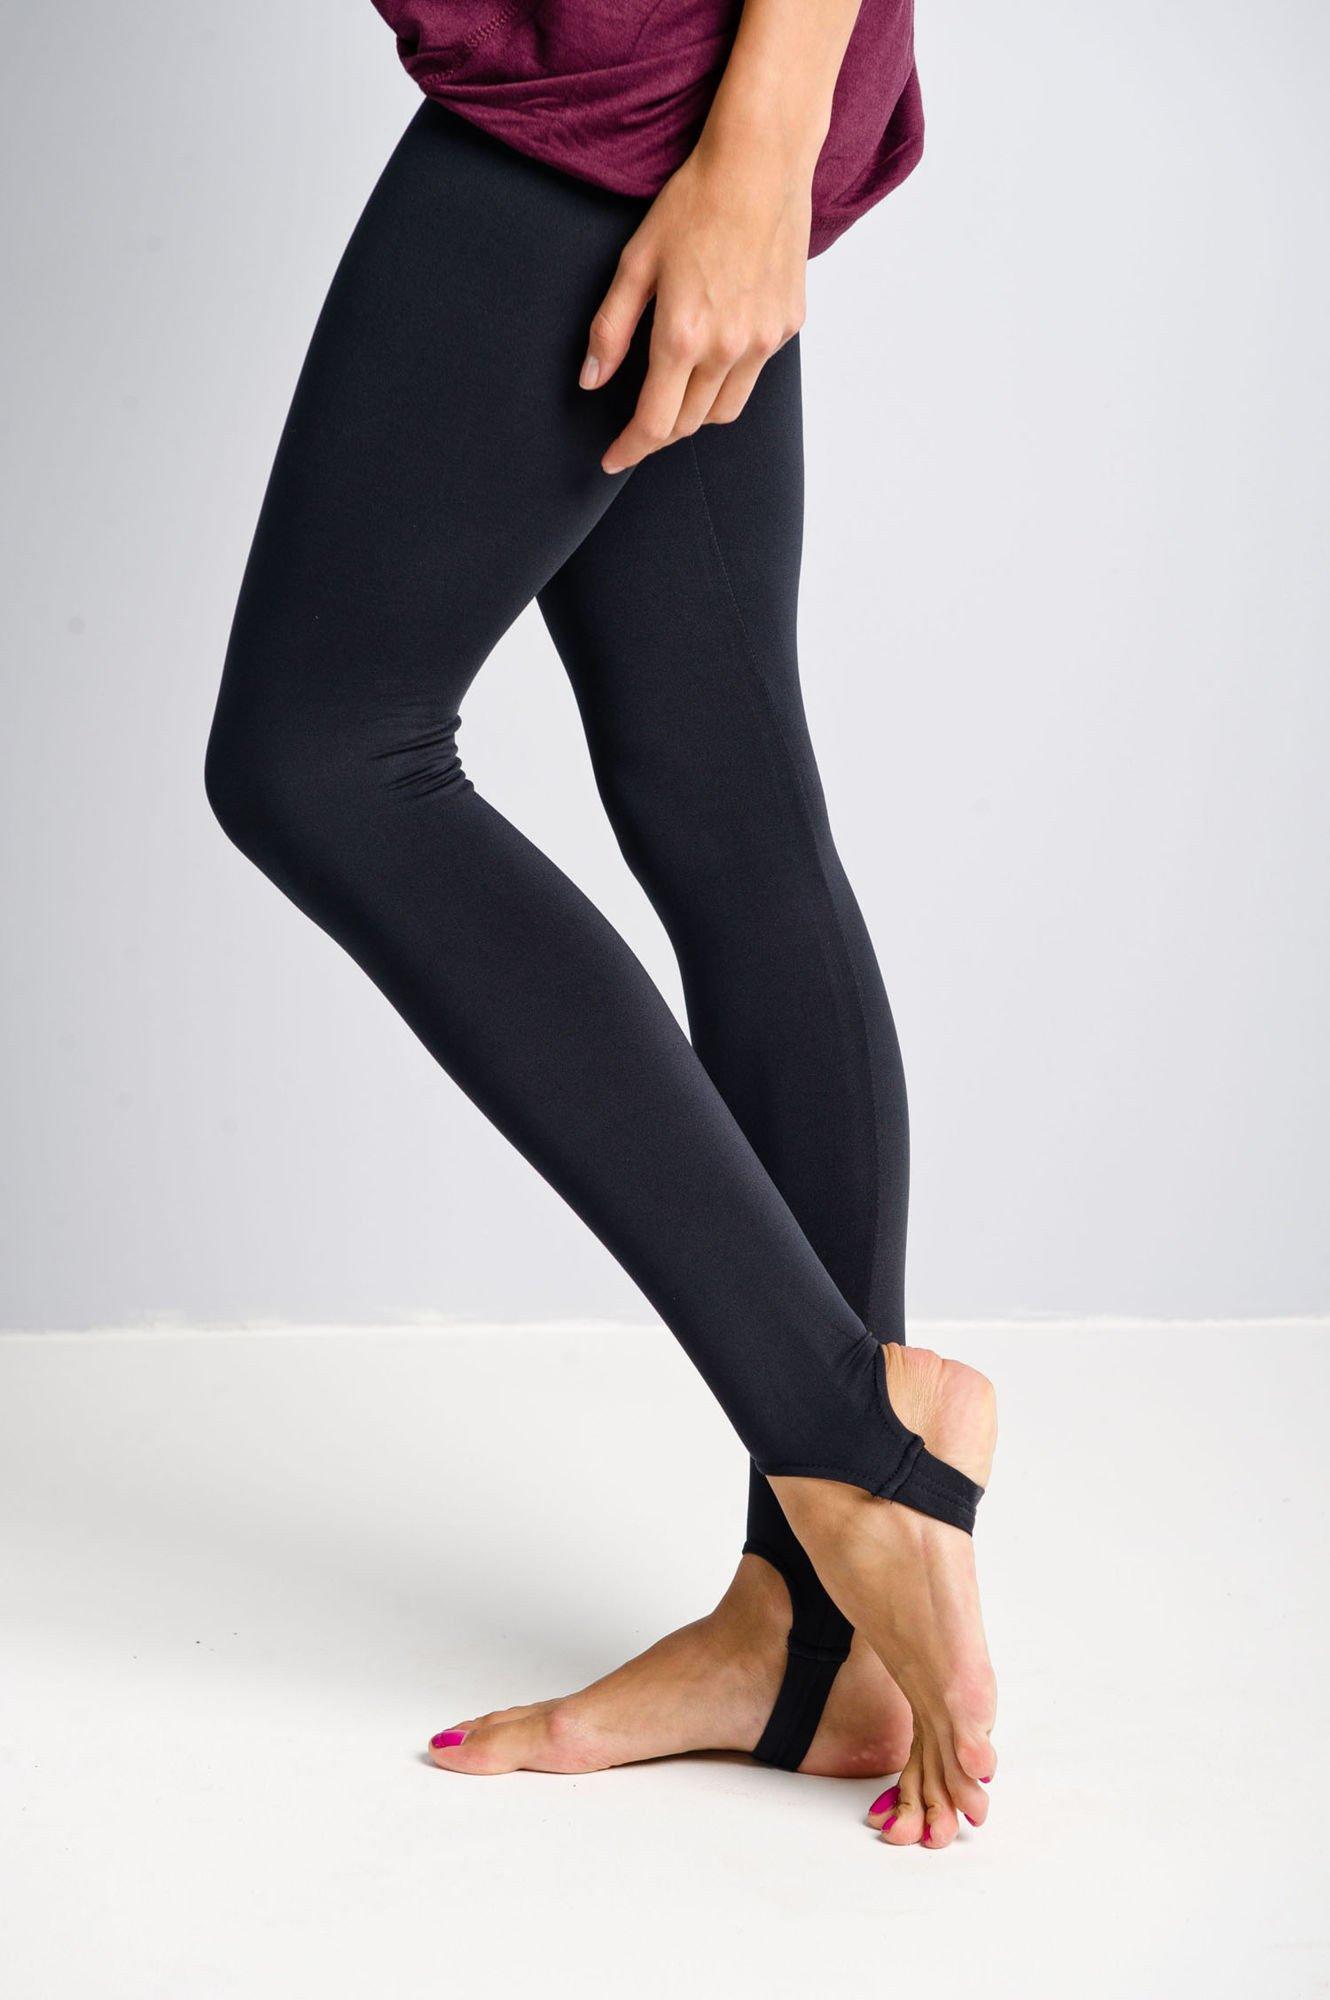 Granatowe legginsy zakładane na stopę                                  zdj.                                  2